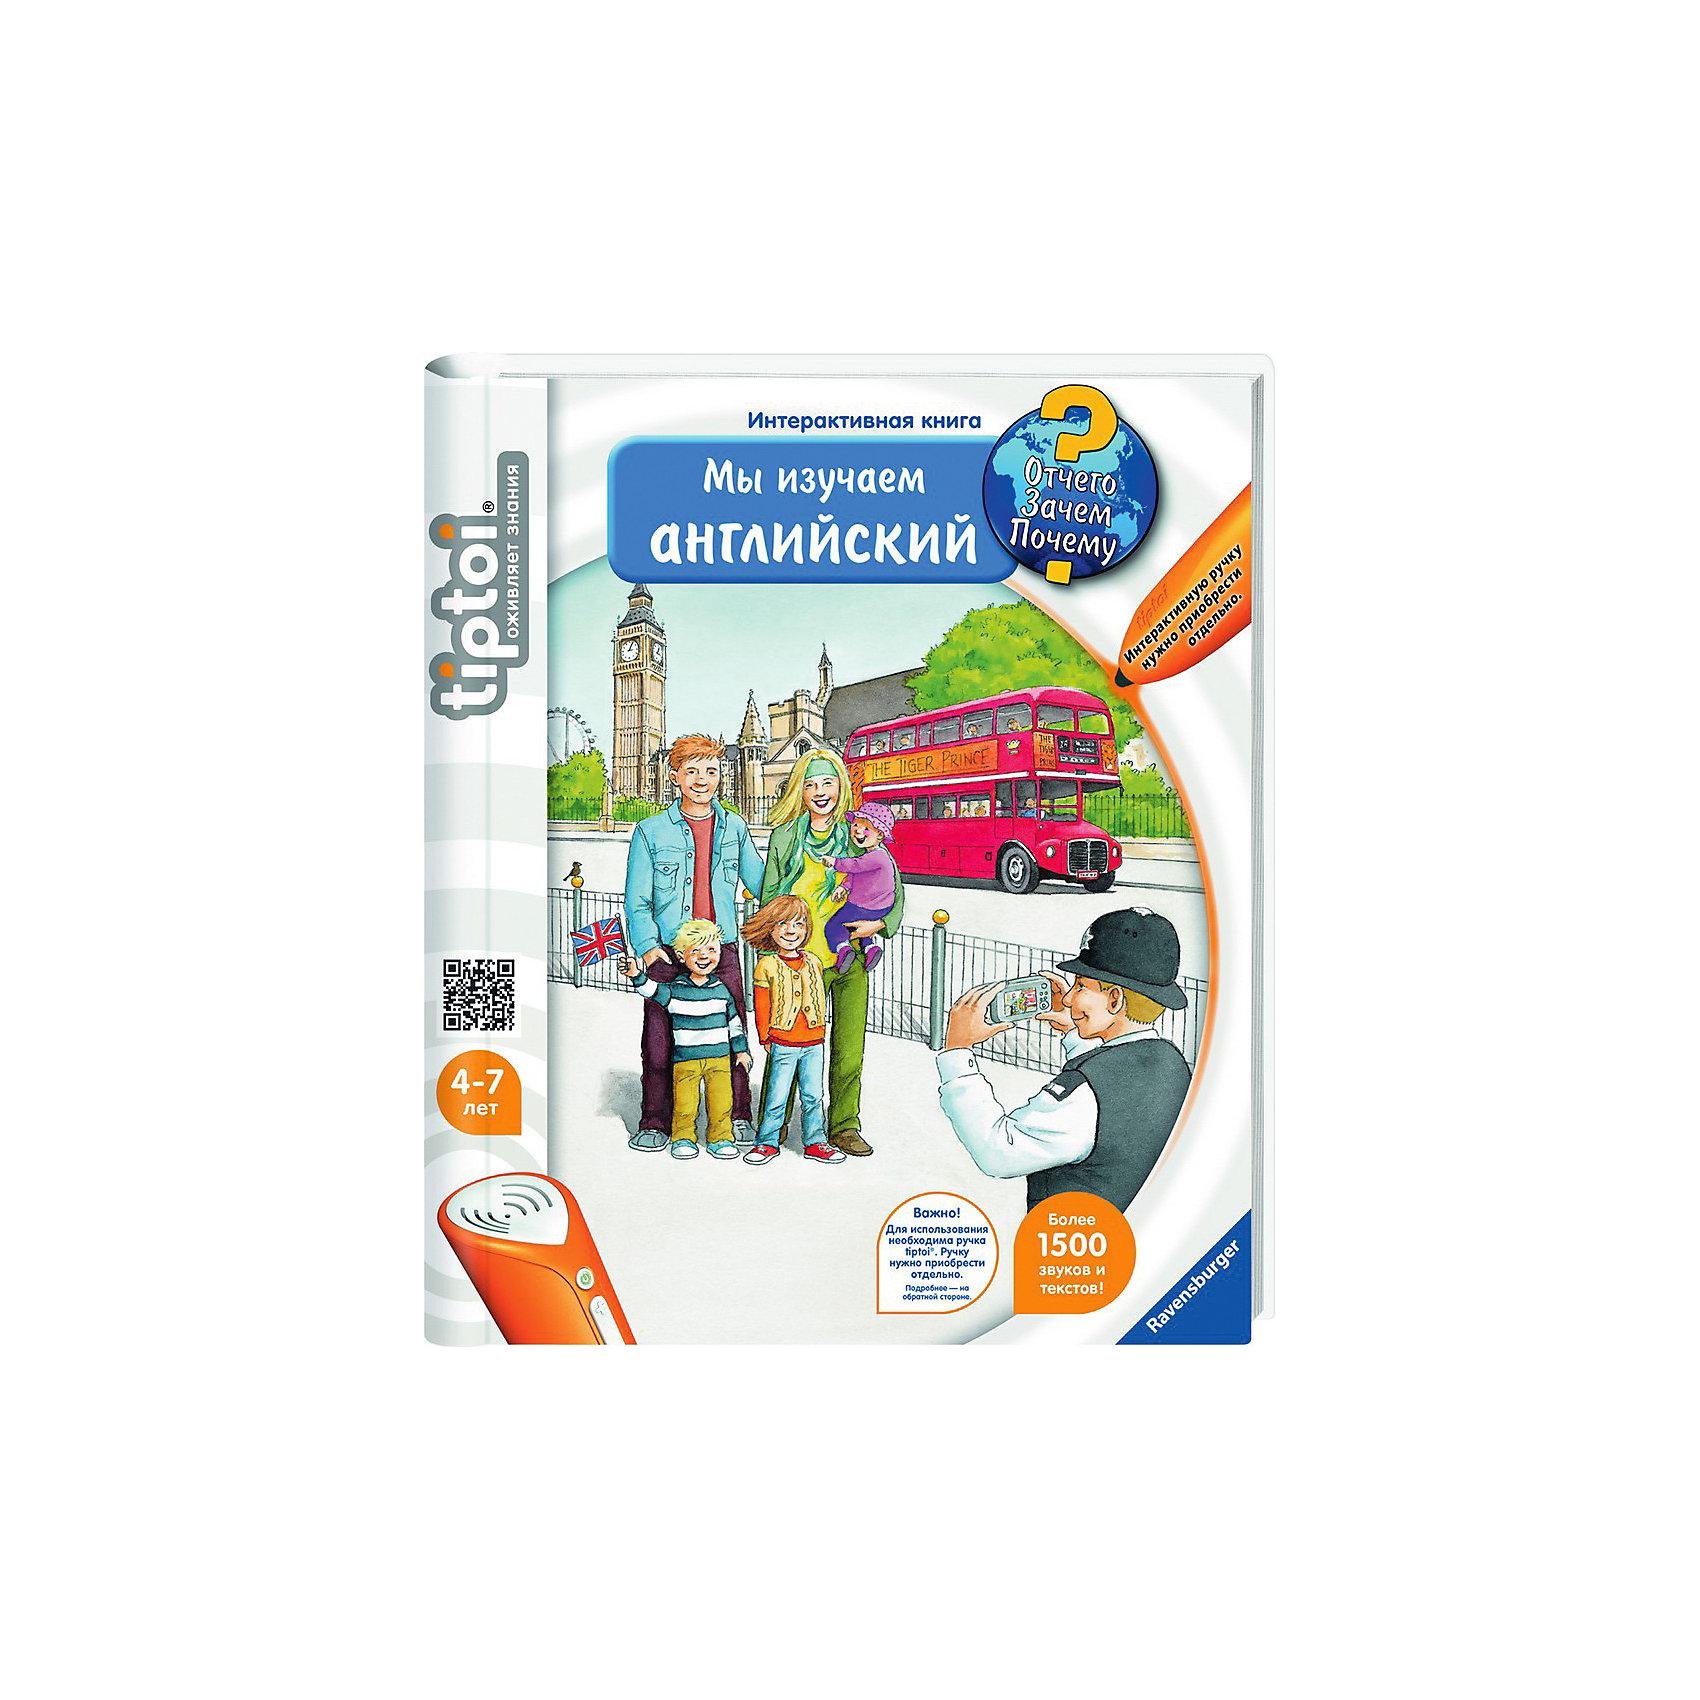 Интерактивная книга Мы изучаем английский  (без ручки)